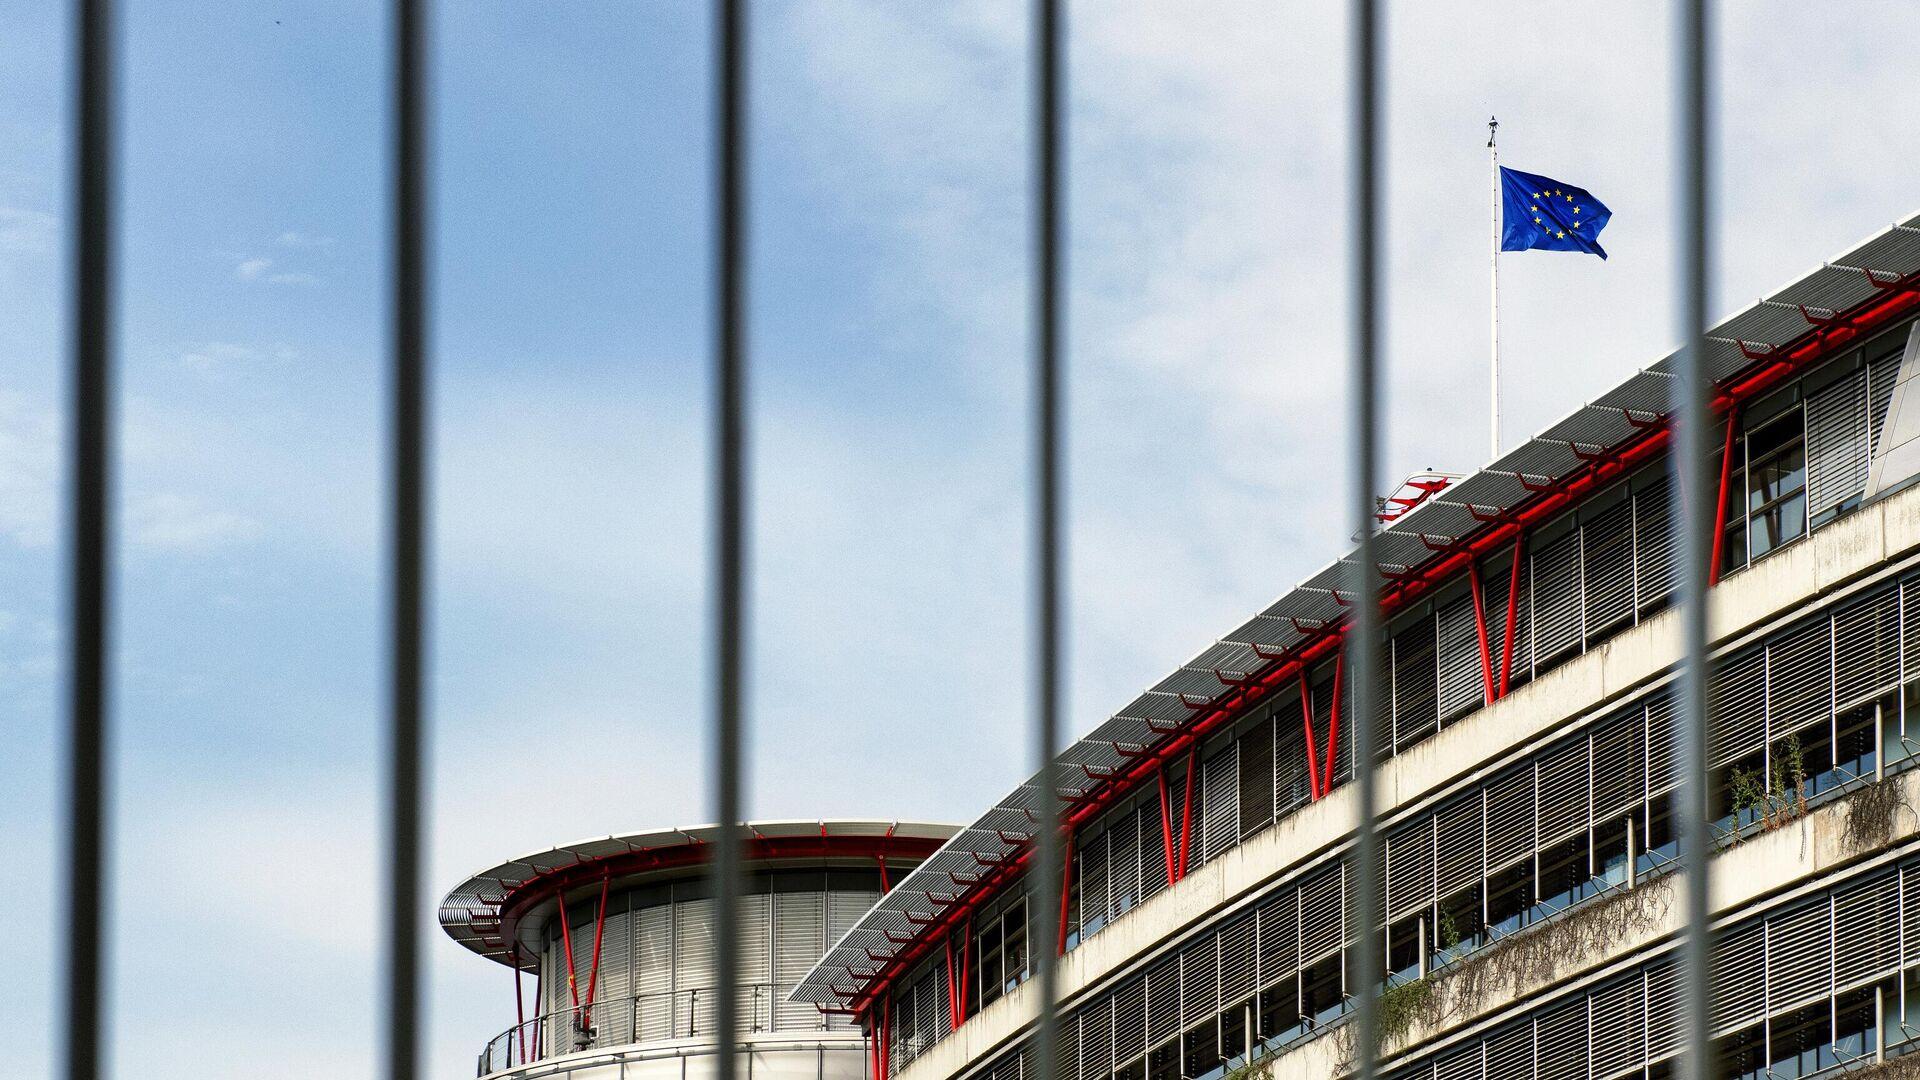 Здание Европейского суда по правам человека (ЕСПЧ) в Страсбурге - РИА Новости, 1920, 28.07.2021